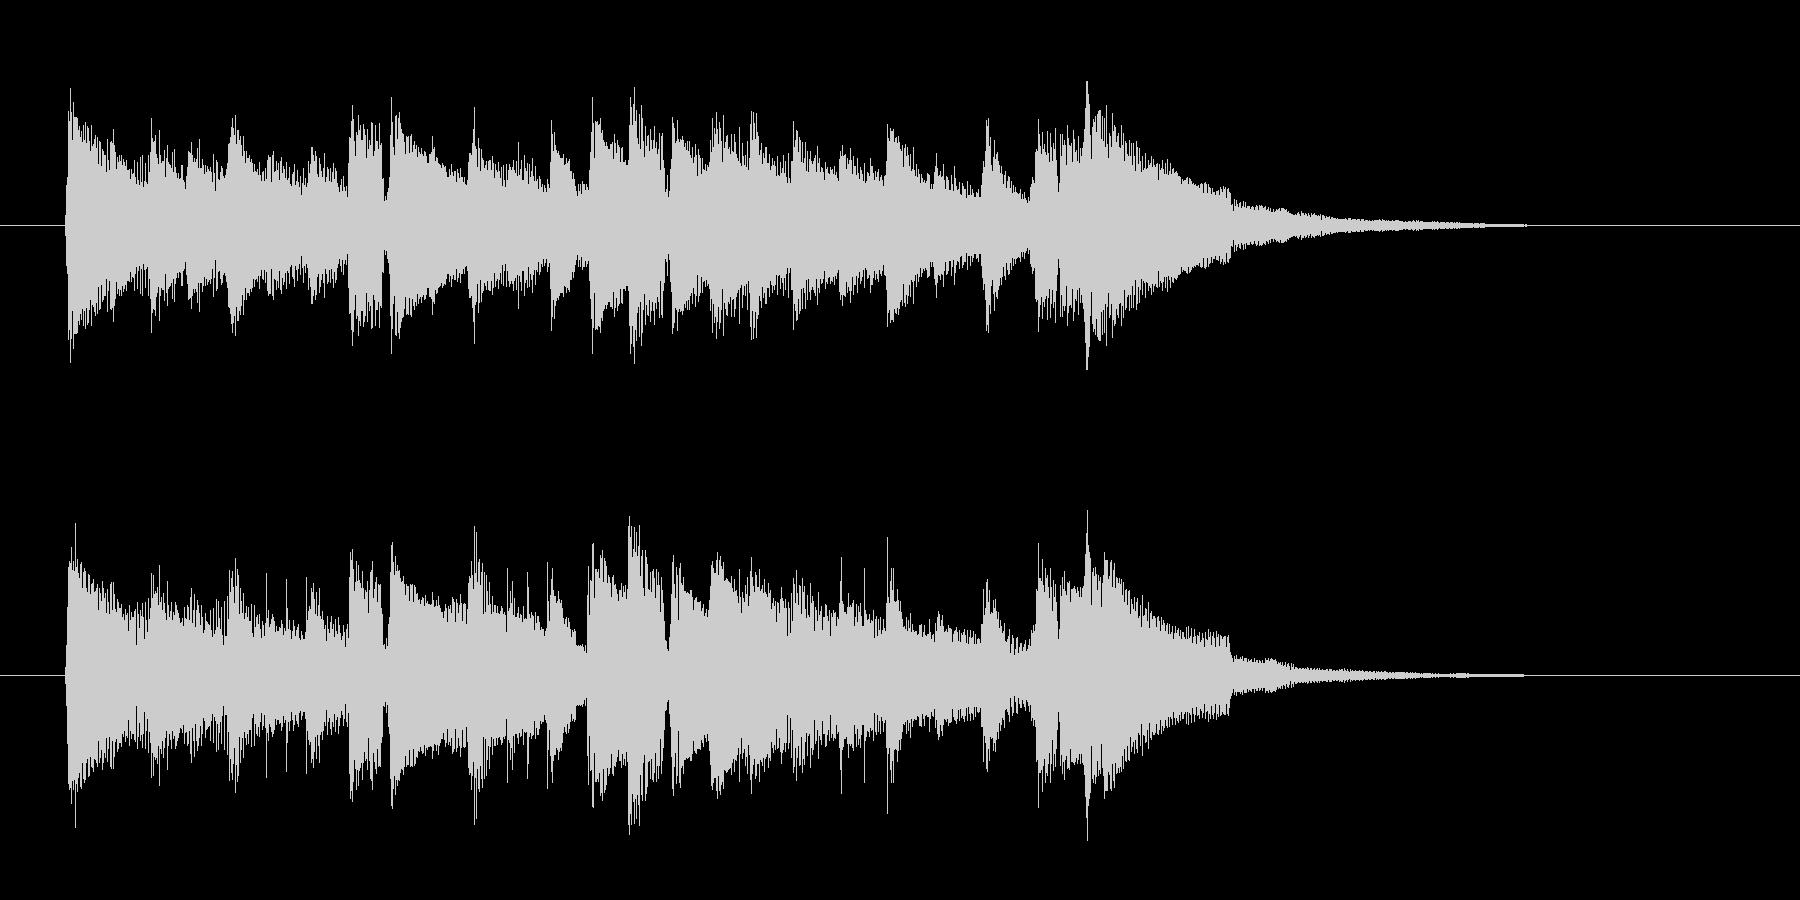 アコギによる優しい雰囲気のジングル曲の未再生の波形